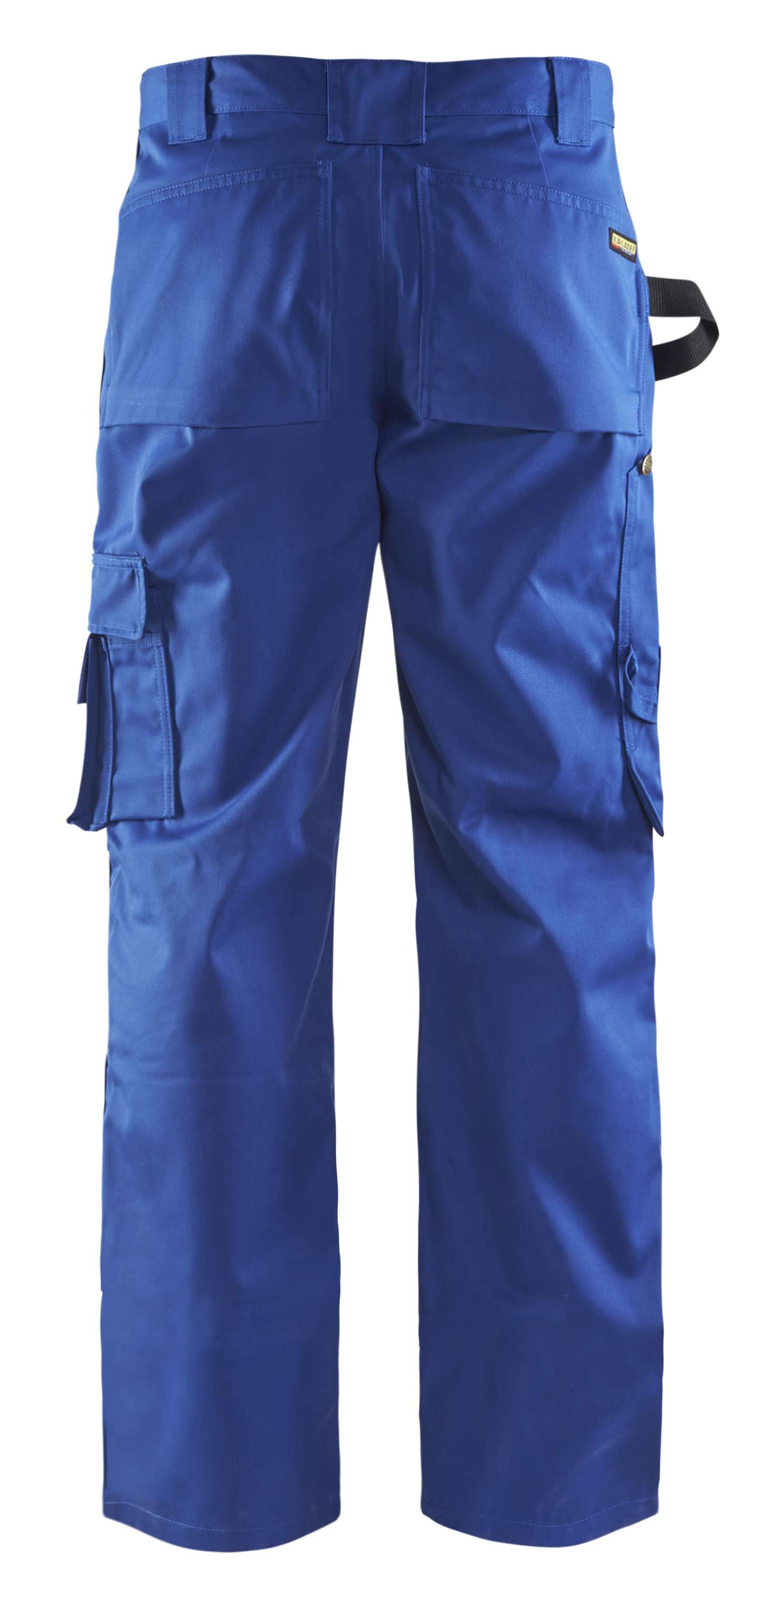 Blaklader Ambacht Werkbroek Werkbroeken 15701860 Kniezakken Polyester- katoen- Cordura kobaltblauw(8500)